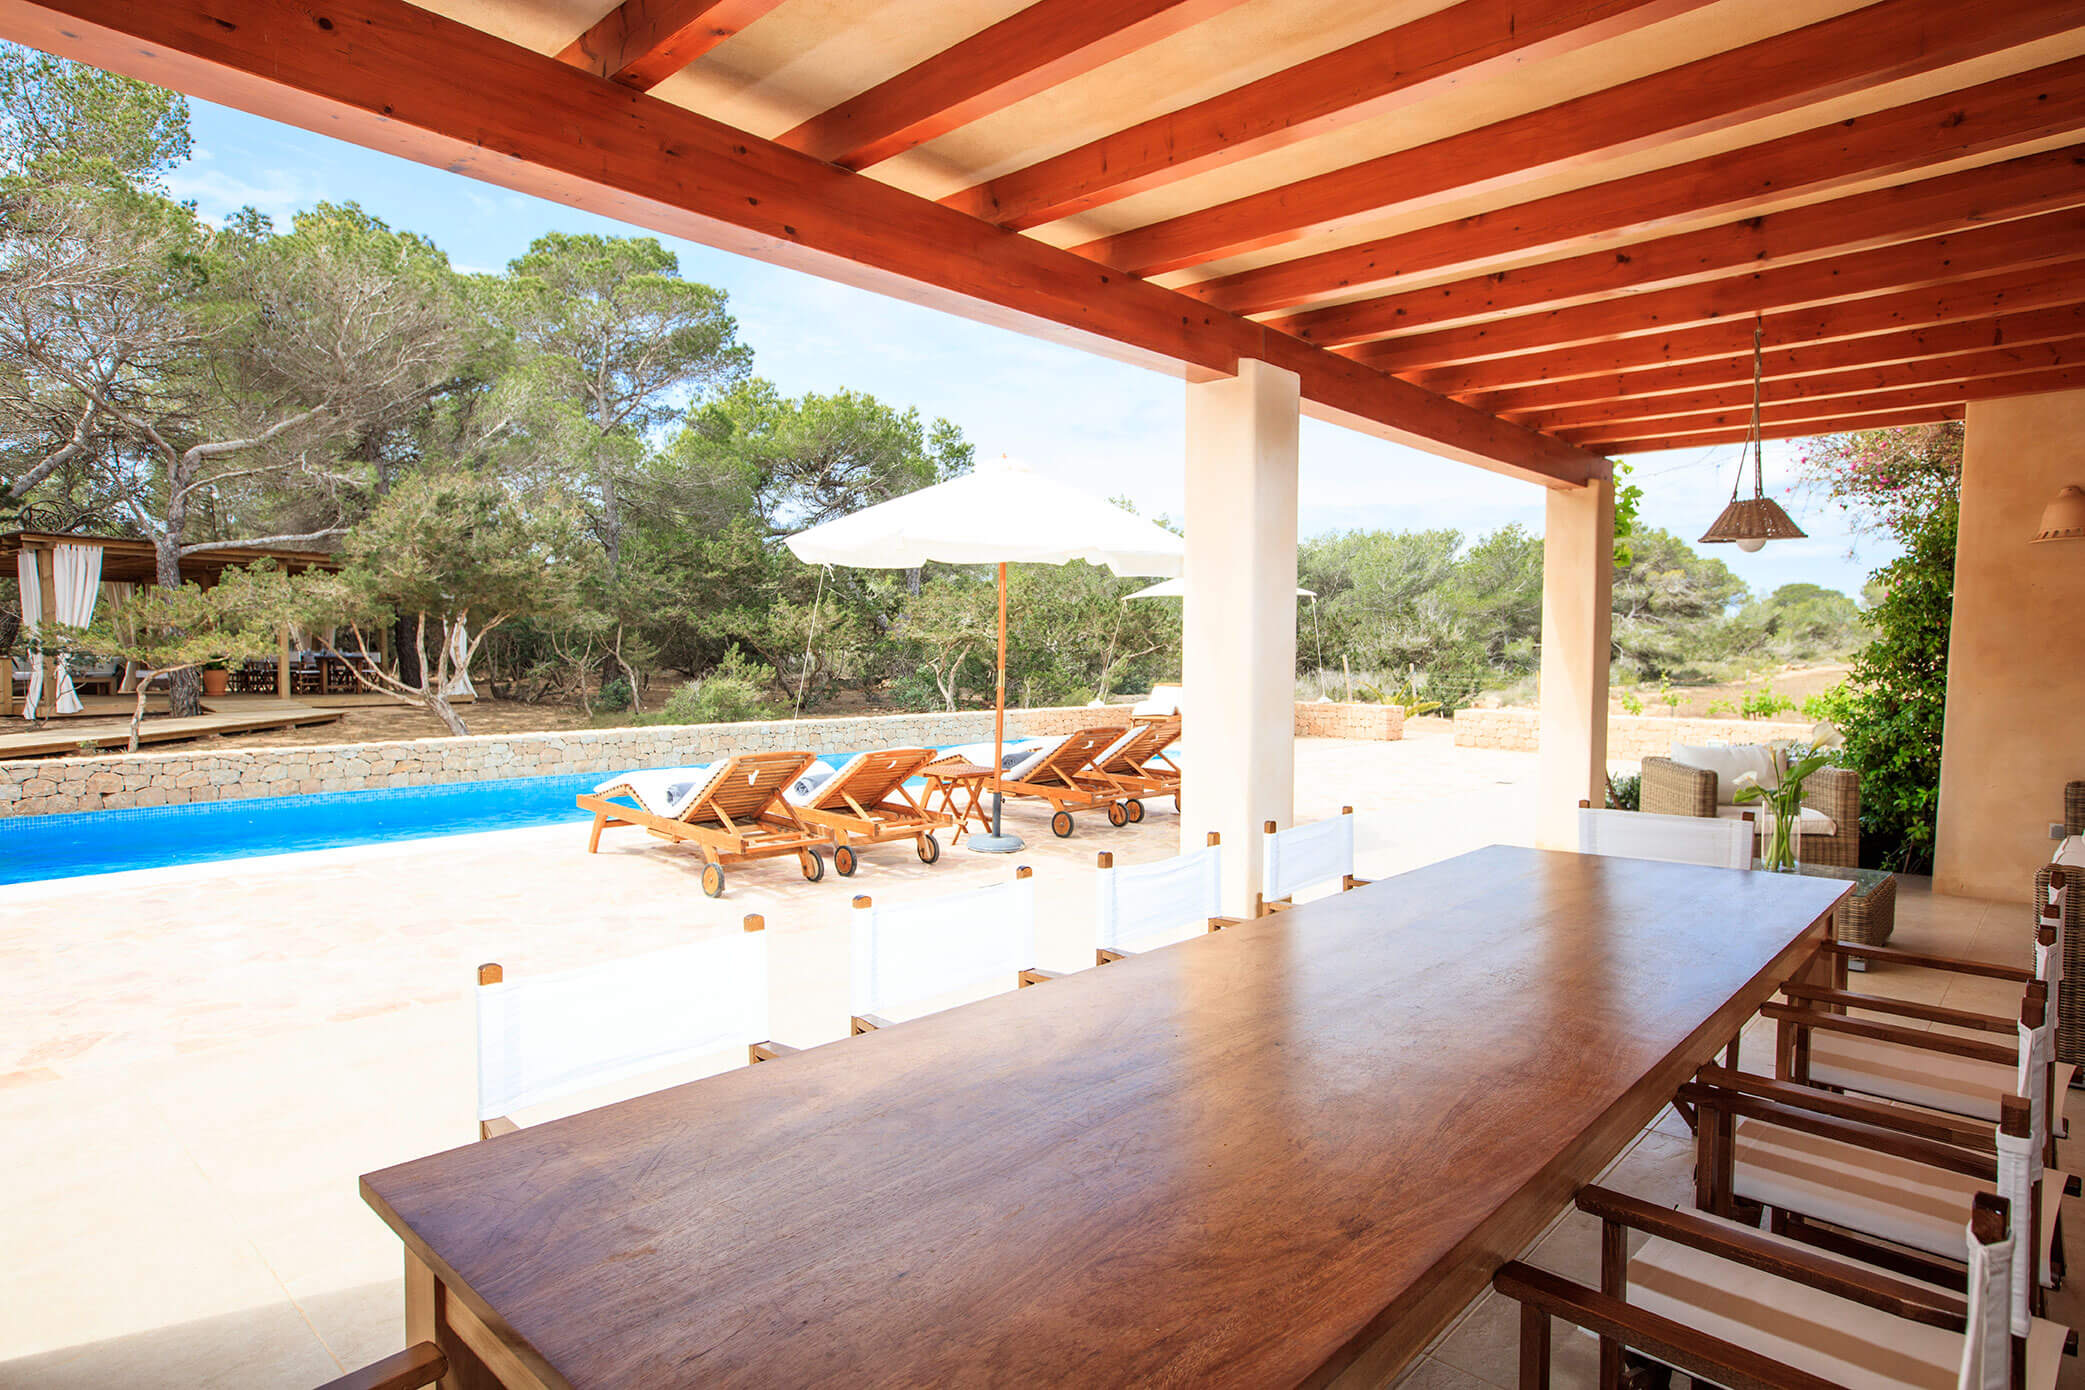 Entorno tranquilo villa Can Cardona con jardín y piscina. Alojamientos turísticos Cardona